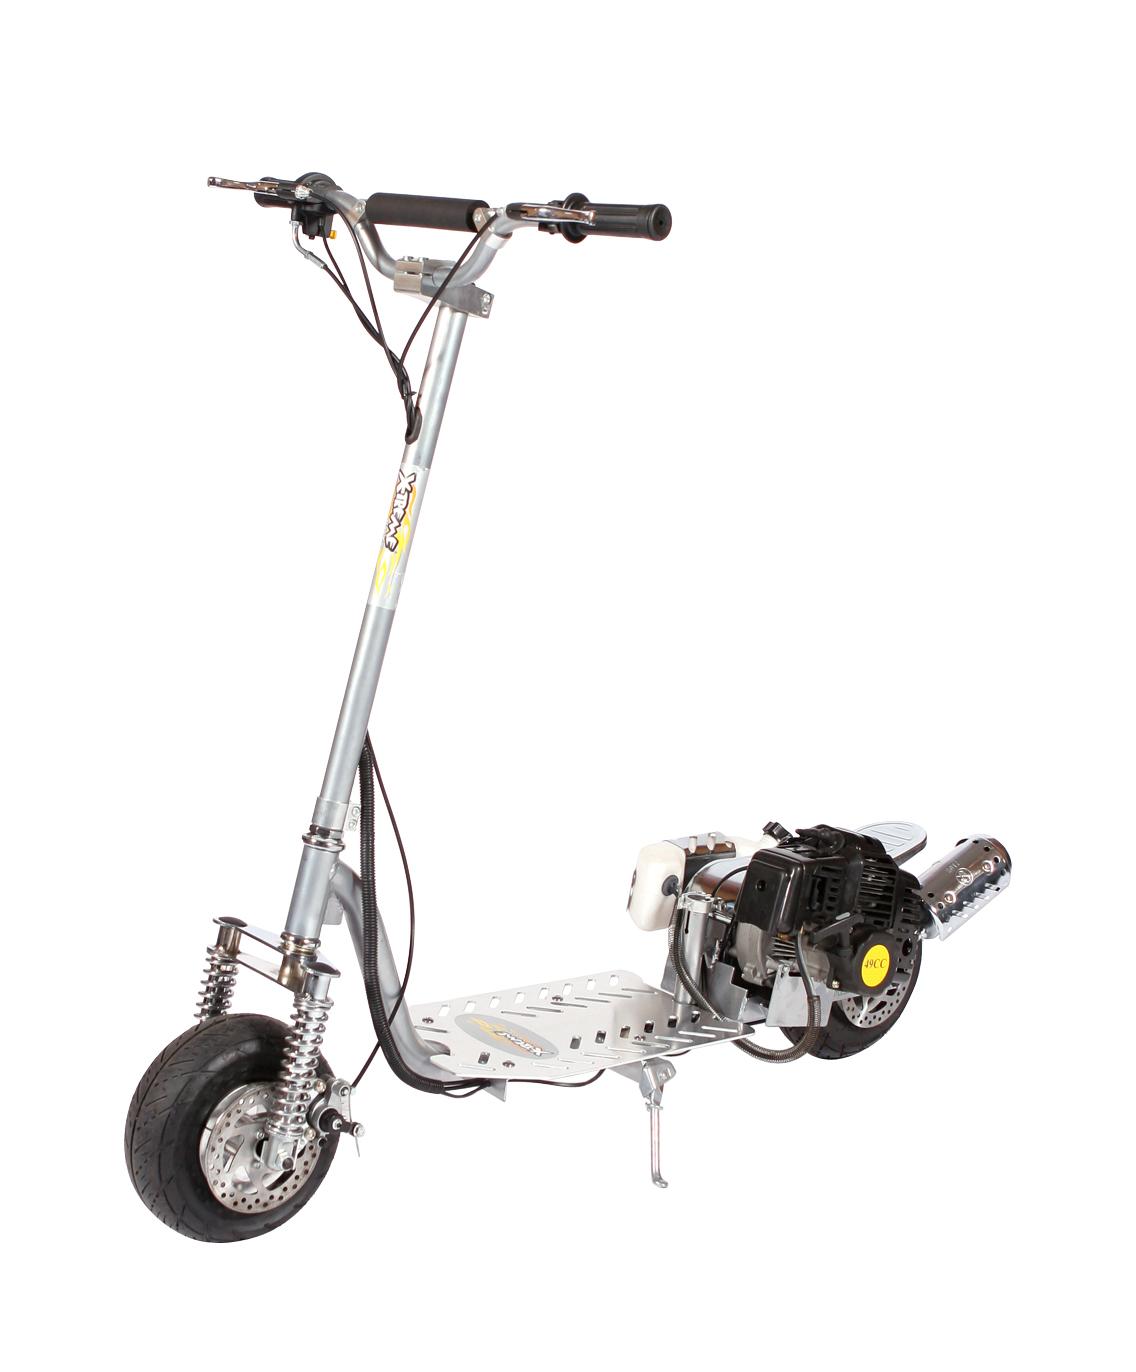 E100 Razor Scooter Wiring Diagram